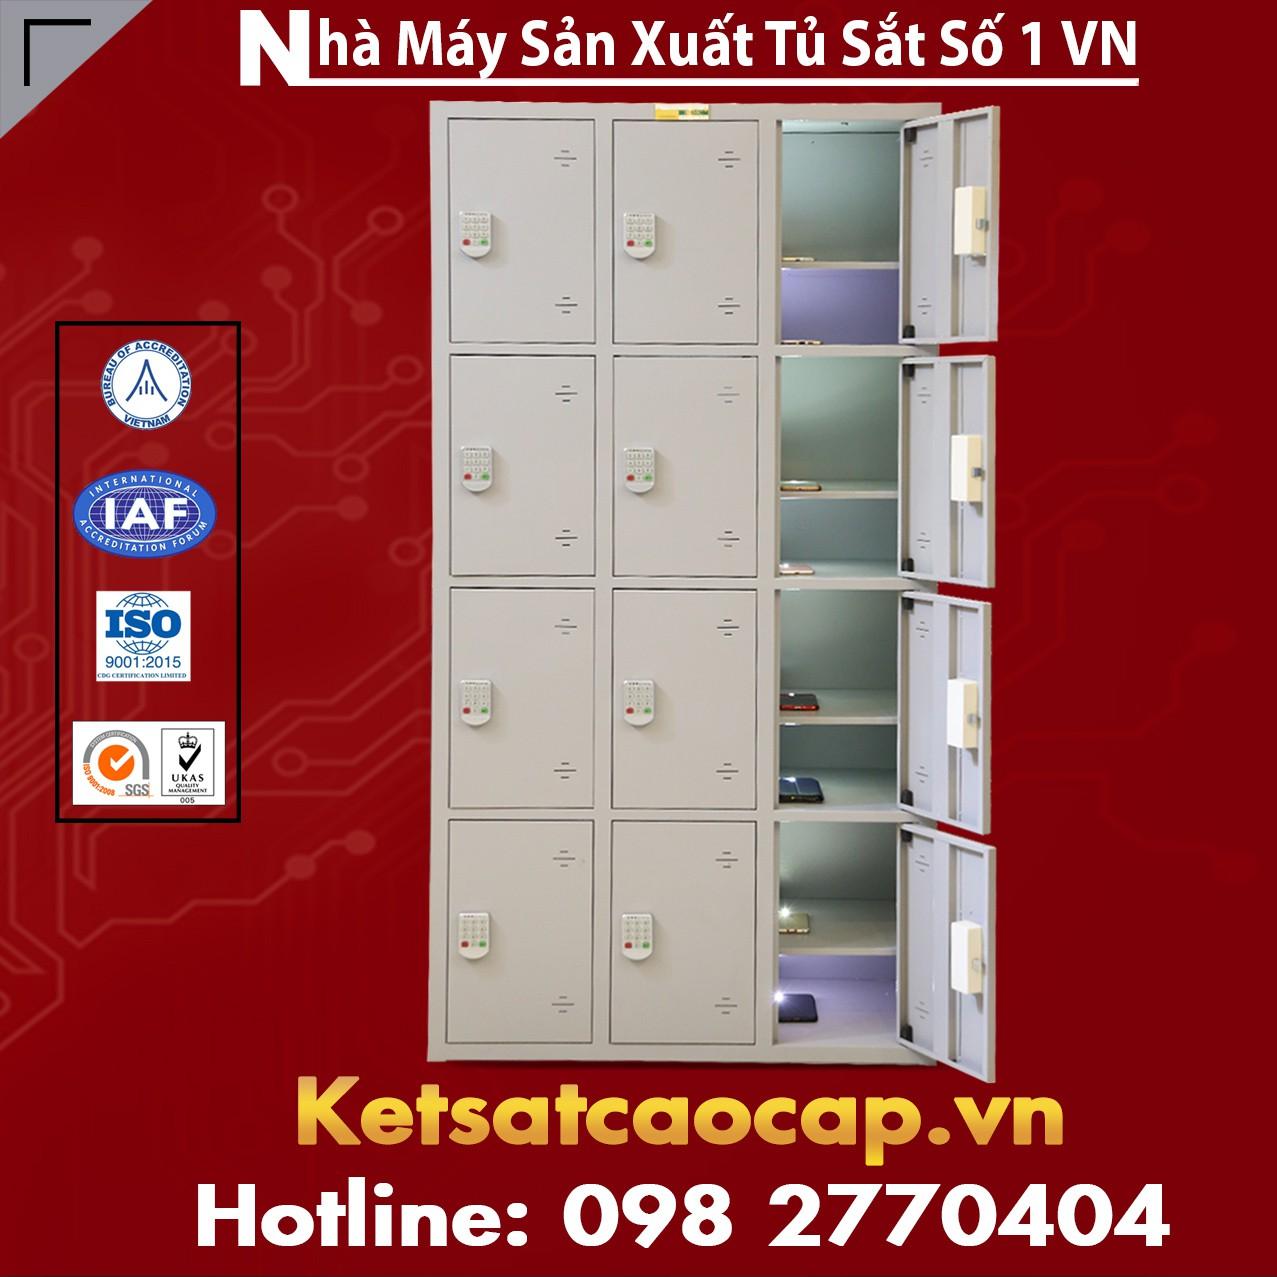 Bán Buôn Rẻ Hơn 30% - Tủ Locker Sơn Tĩnh Điện